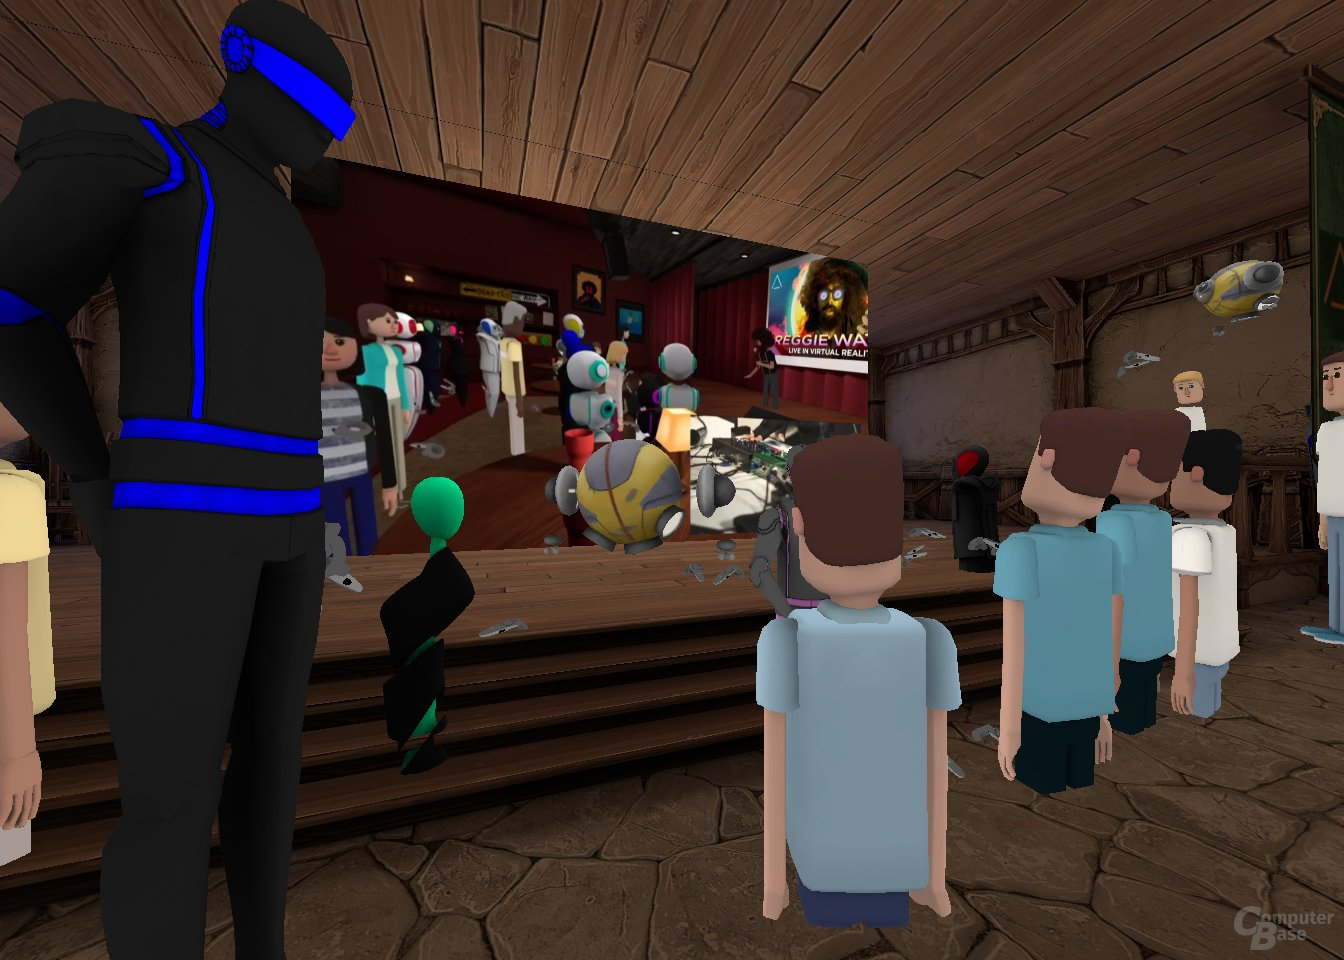 Da der VR-Auftritt von Reggie Watts für manche Nutzer stockte, wichen sie auf die YouTube-Übertragung auf einer virtuellen Leinwand aus